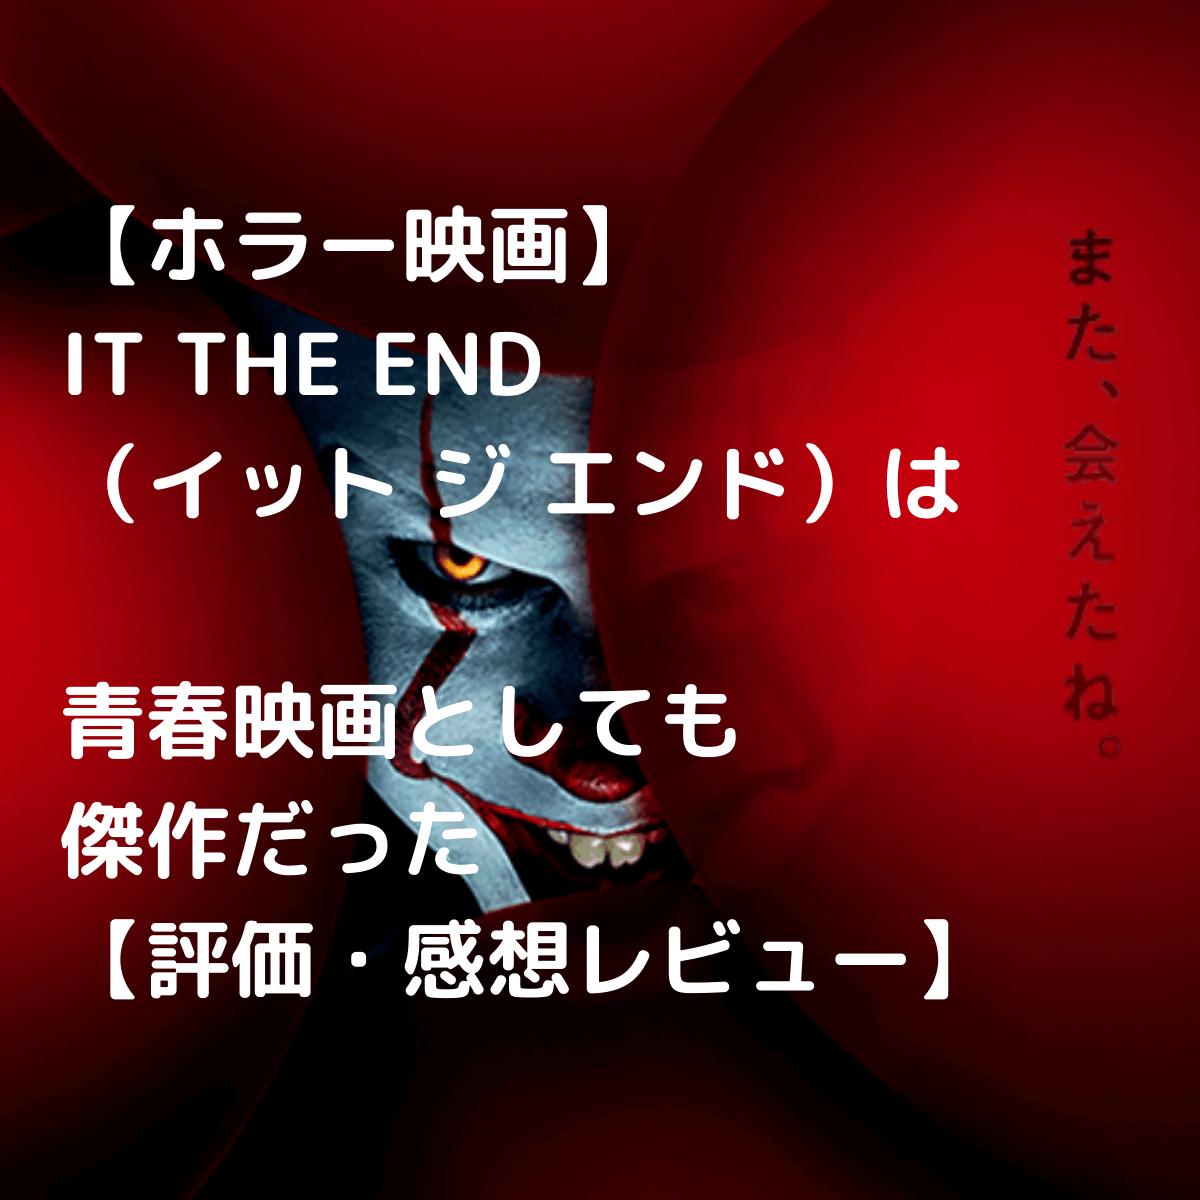 【ホラー映画】「IT THE END(イット ジ エンド)」は青春映画としても傑作だった【評価・感想レビュー】